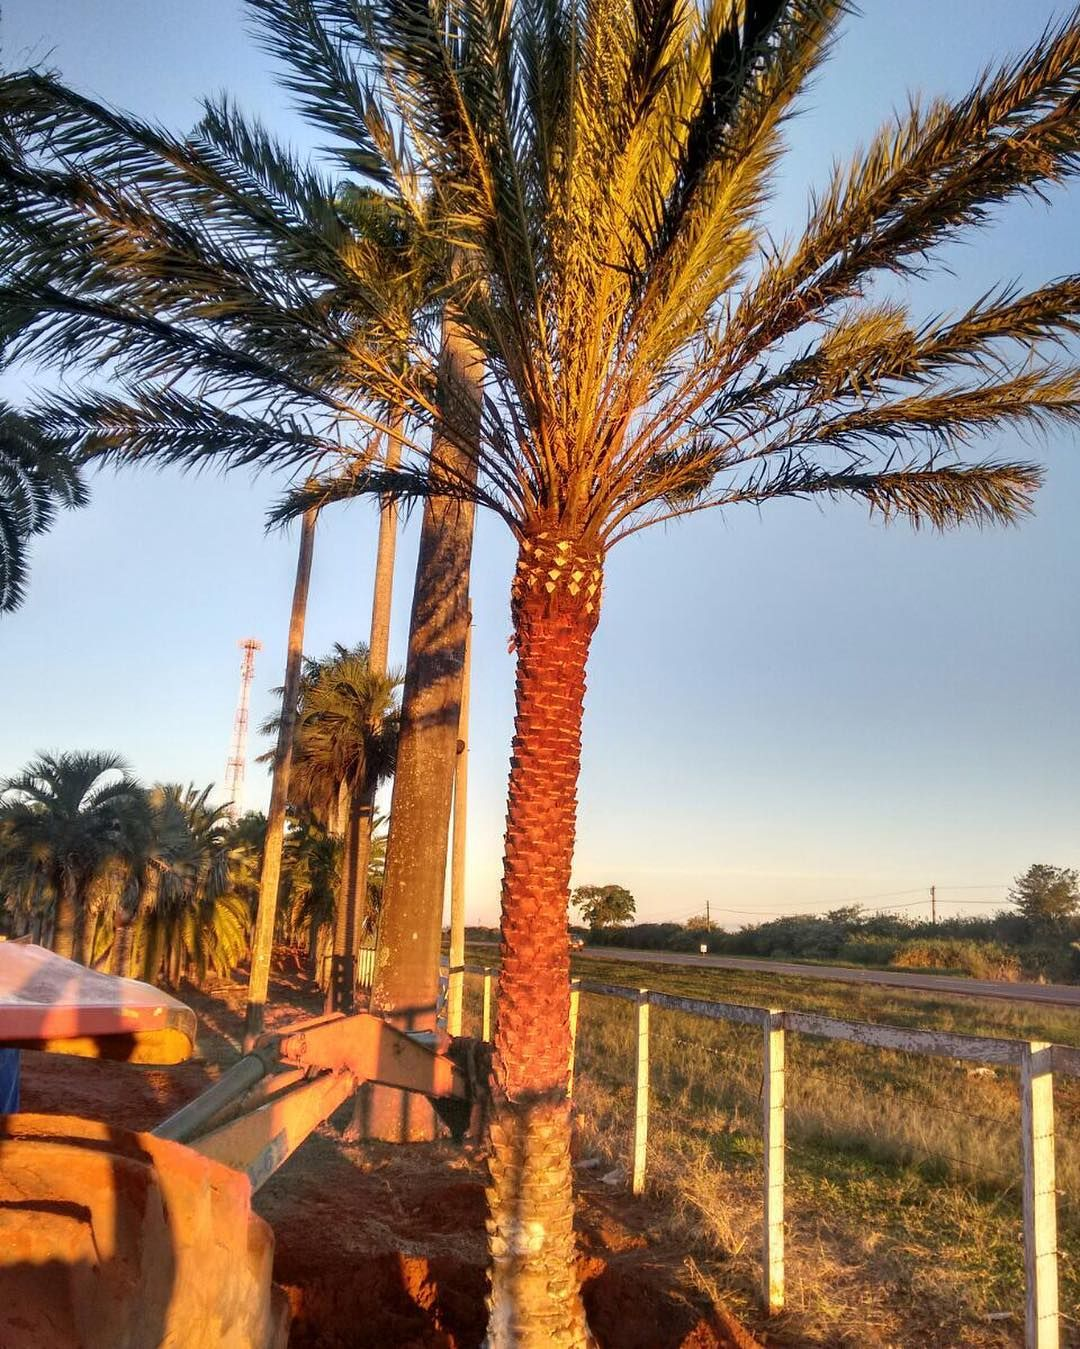 Bom dia!!! Hoje amanheceu assim... E as Dactyliferas ficam ainda mais bonitas!! | #palm | #plantas | #palmeira | #palmtree | #palmeiras | #paisagismo | #paisagista | #instagarden #landscape #gardens | #gopro | #landscapedesign | #gardendesign | #goiania | #goias | #gyn | #arquitetura | #urbanismo | #jardim | #tips | #jardinagem | #homedecor | #design | #green | #homedecor | #natureza | #jardins | #holambra | #palmtrees | #green | #nature | #portaldaspalmeiras…